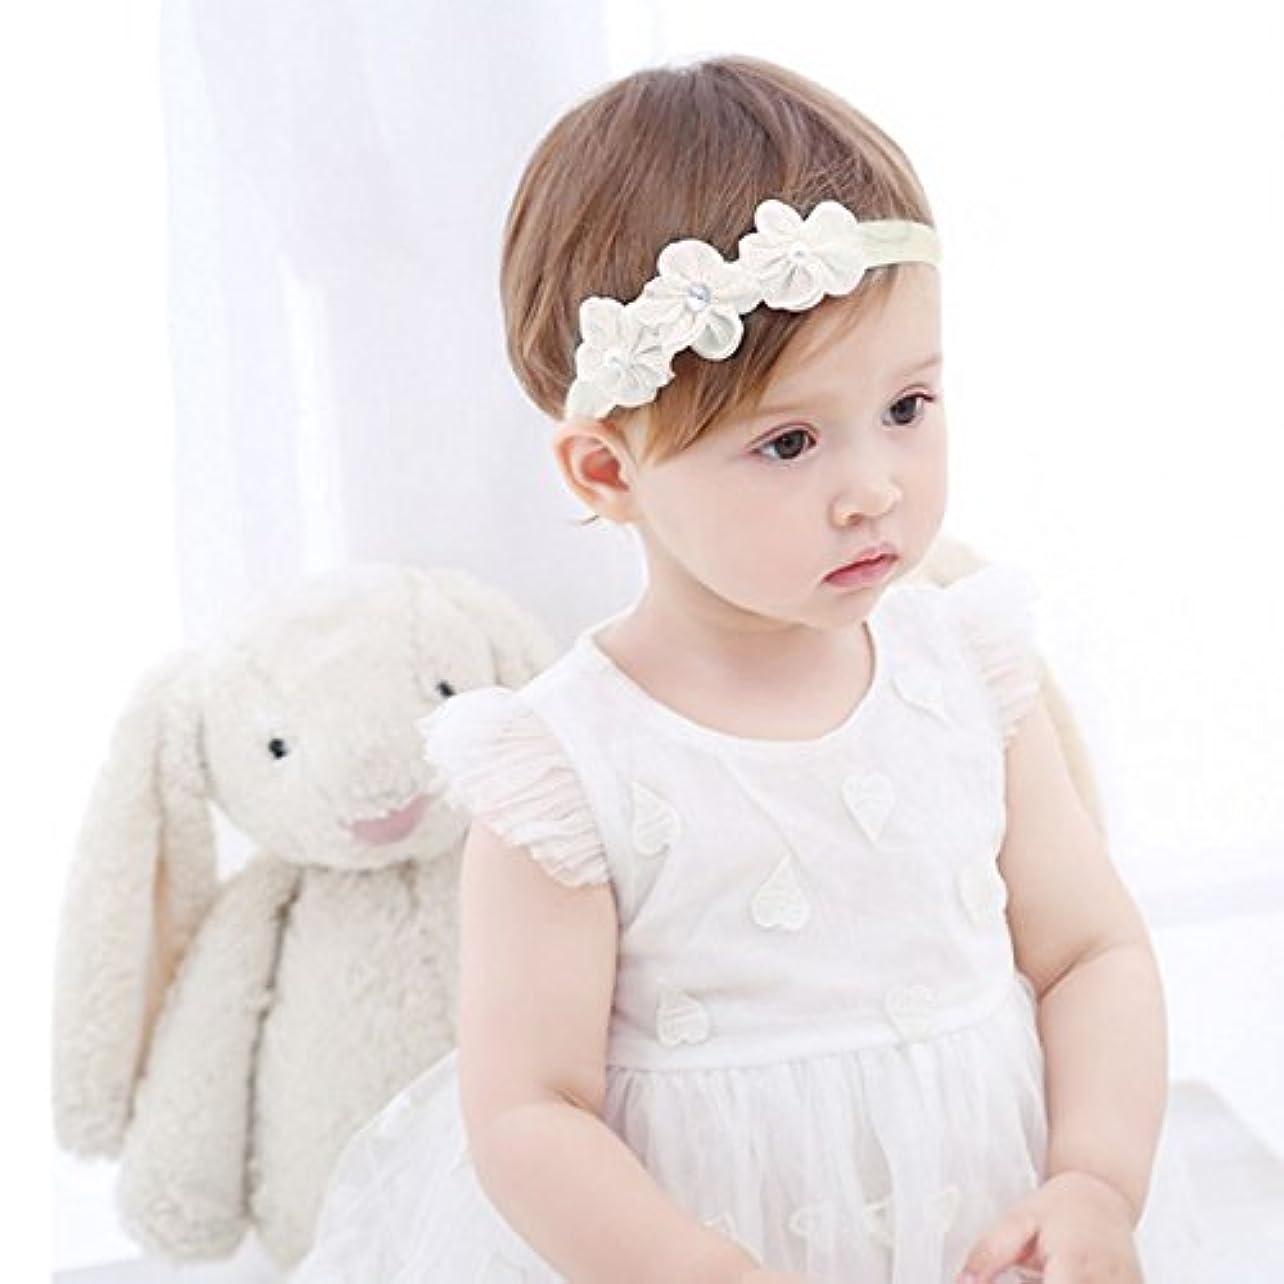 征服基本的なハウジングRefaxi 子供の赤ちゃんかわいい幼児のレースの花のヘアバンドヘッドウェアヘッドバンドアクセサリー